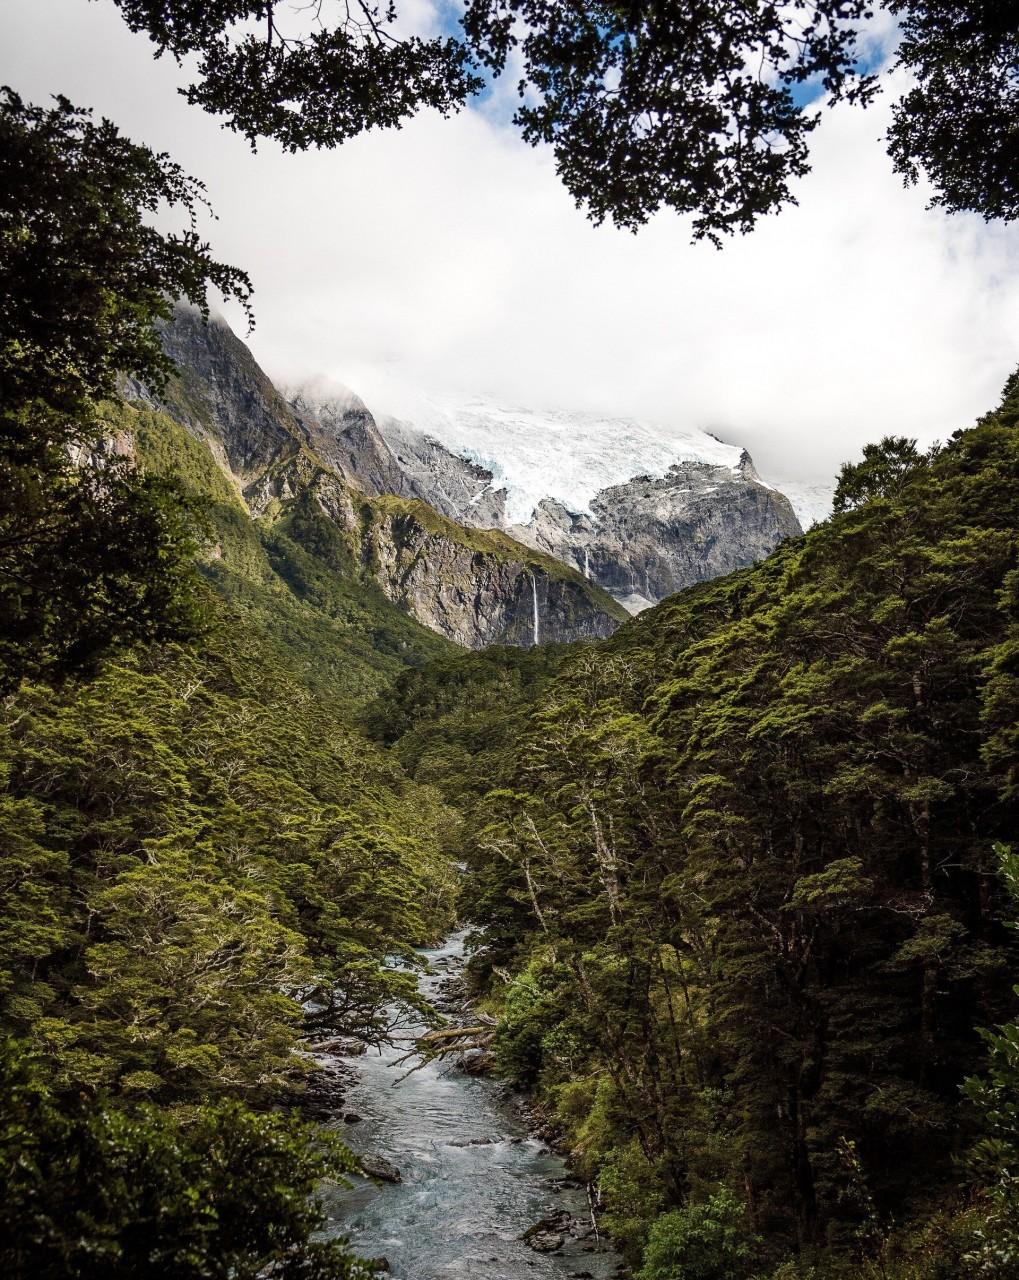 В Новой Зеландии есть места, напоминающие доисторический мир, - как на этой фотографии. Гора Аспиринг, ледник Роба Роя красивые места, красота, ледник, ледники, природа, путешественникам на заметку, туристу на заметку, фото природы